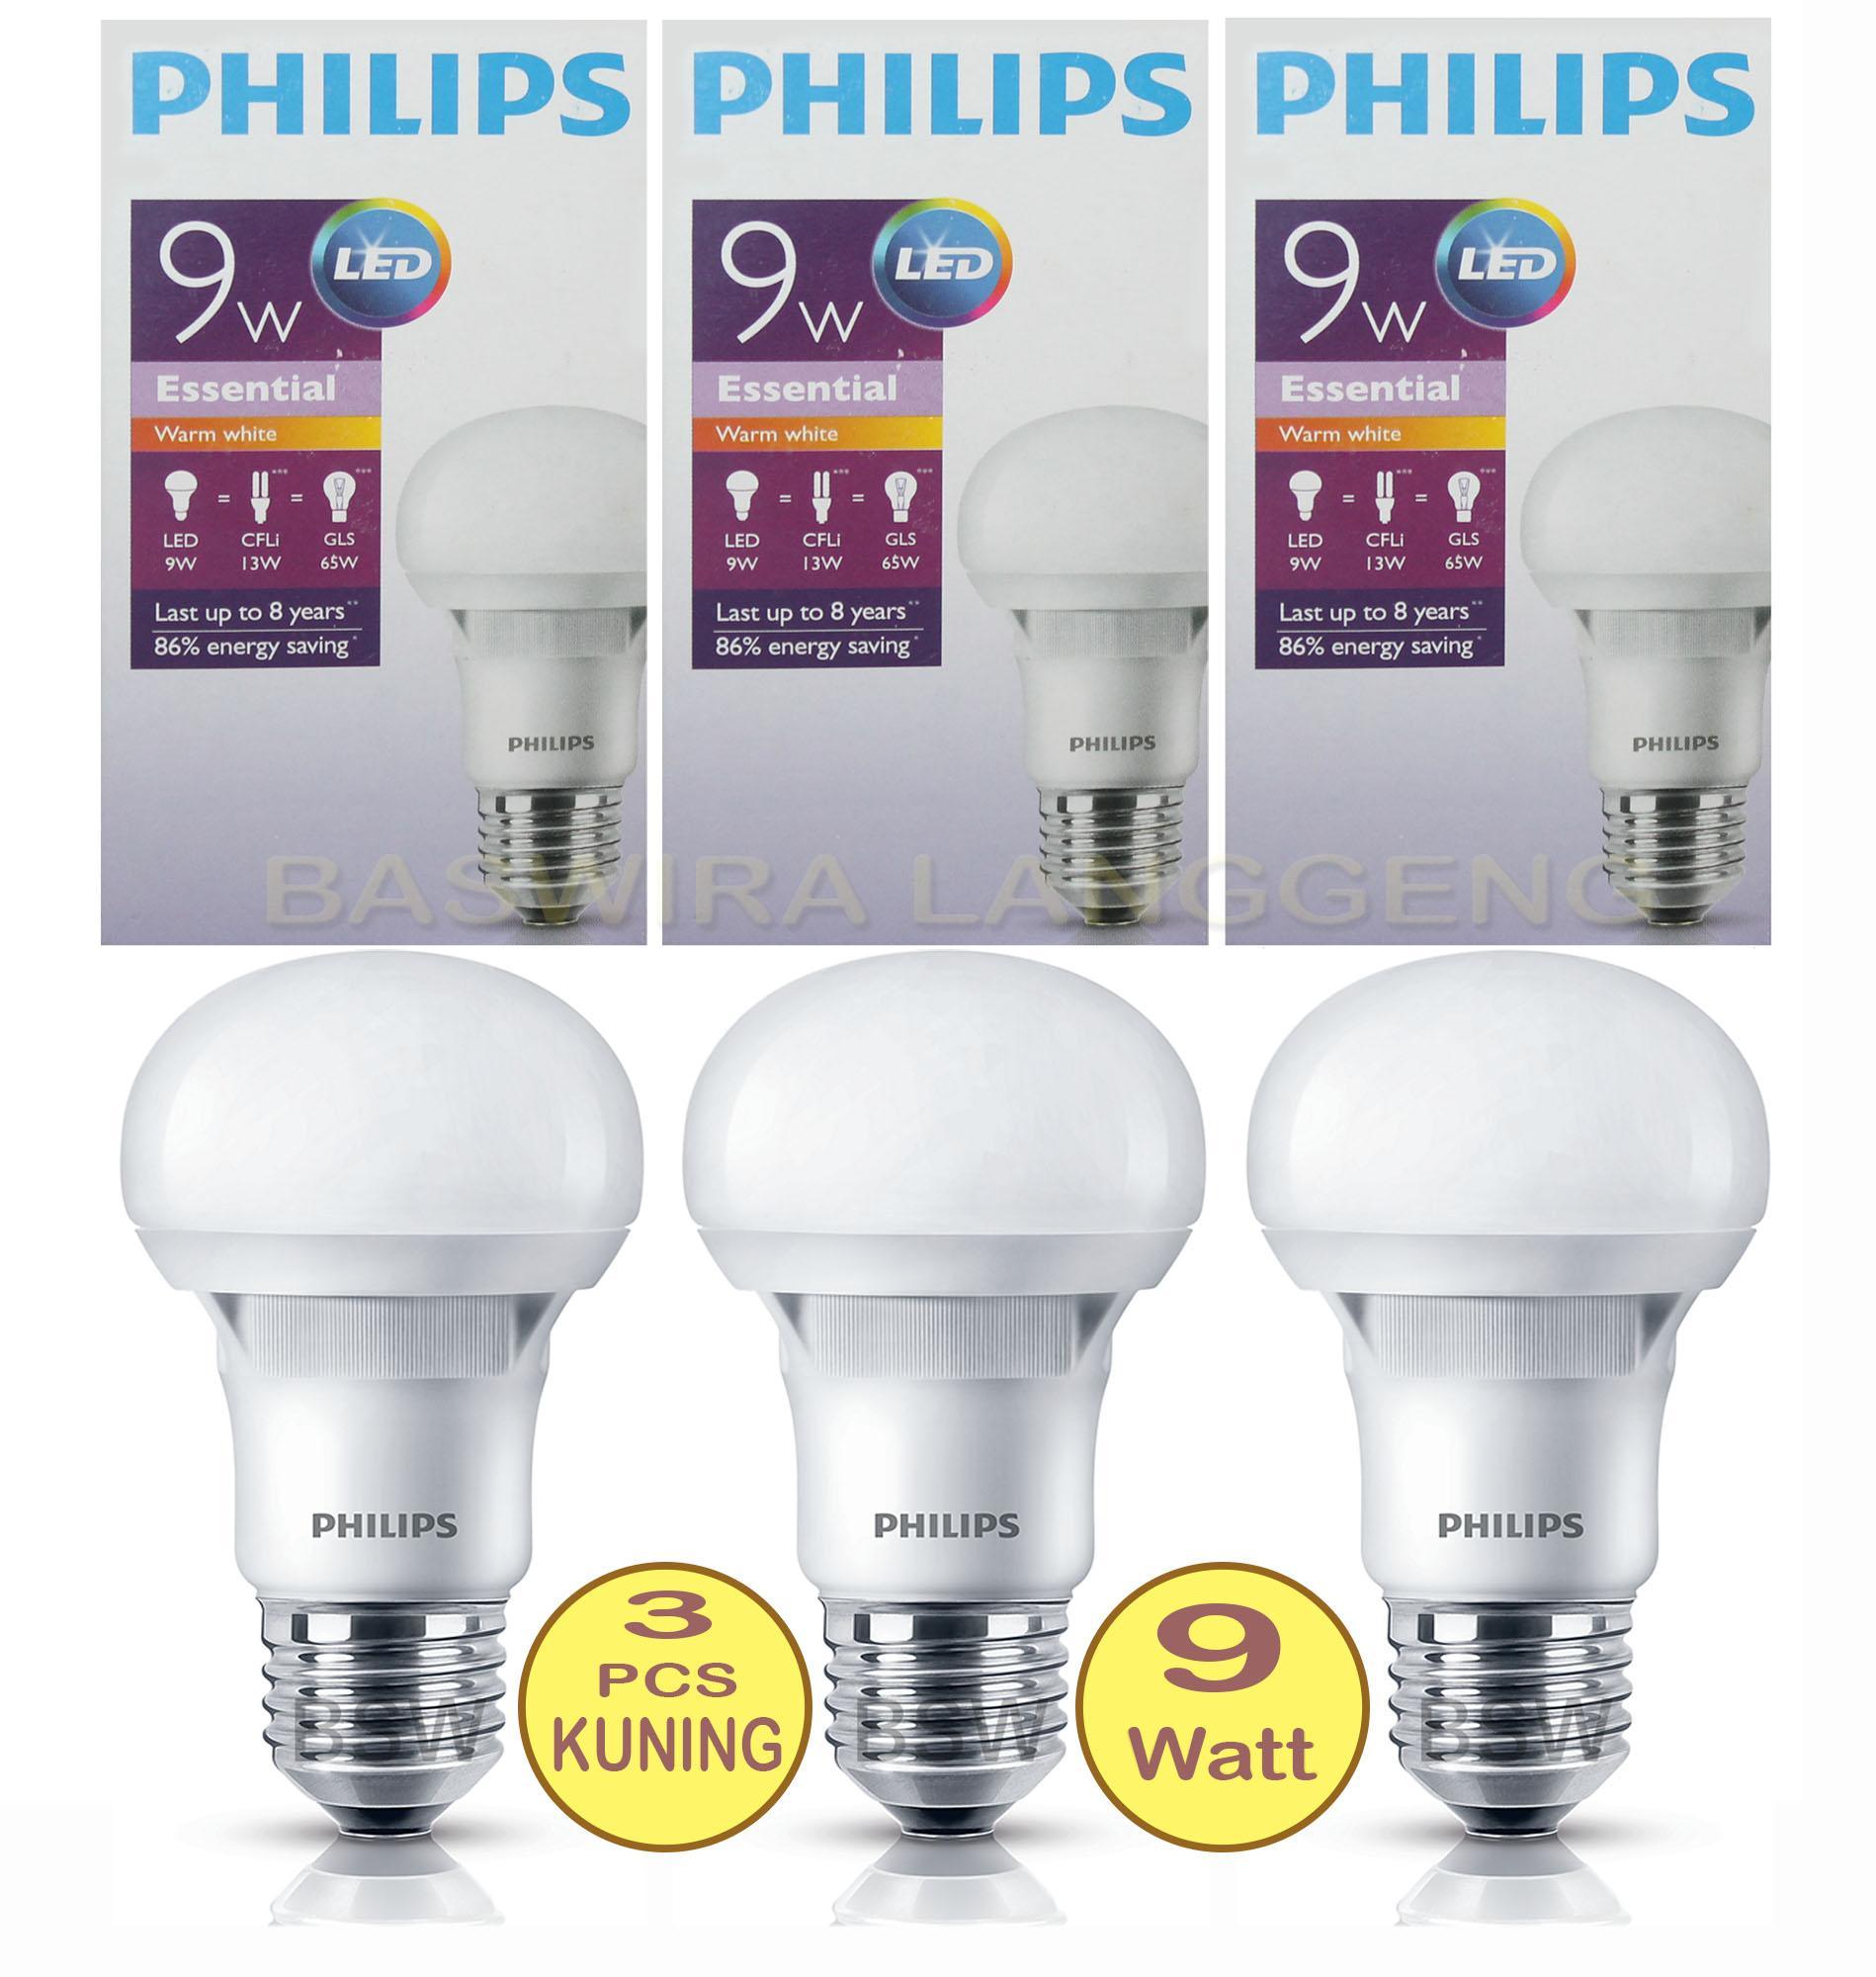 PHILIPS Lampu Led Bulb ESSENTIAL 9W 9Watt 9 W 9 Wat (PAKET 3 PCS)